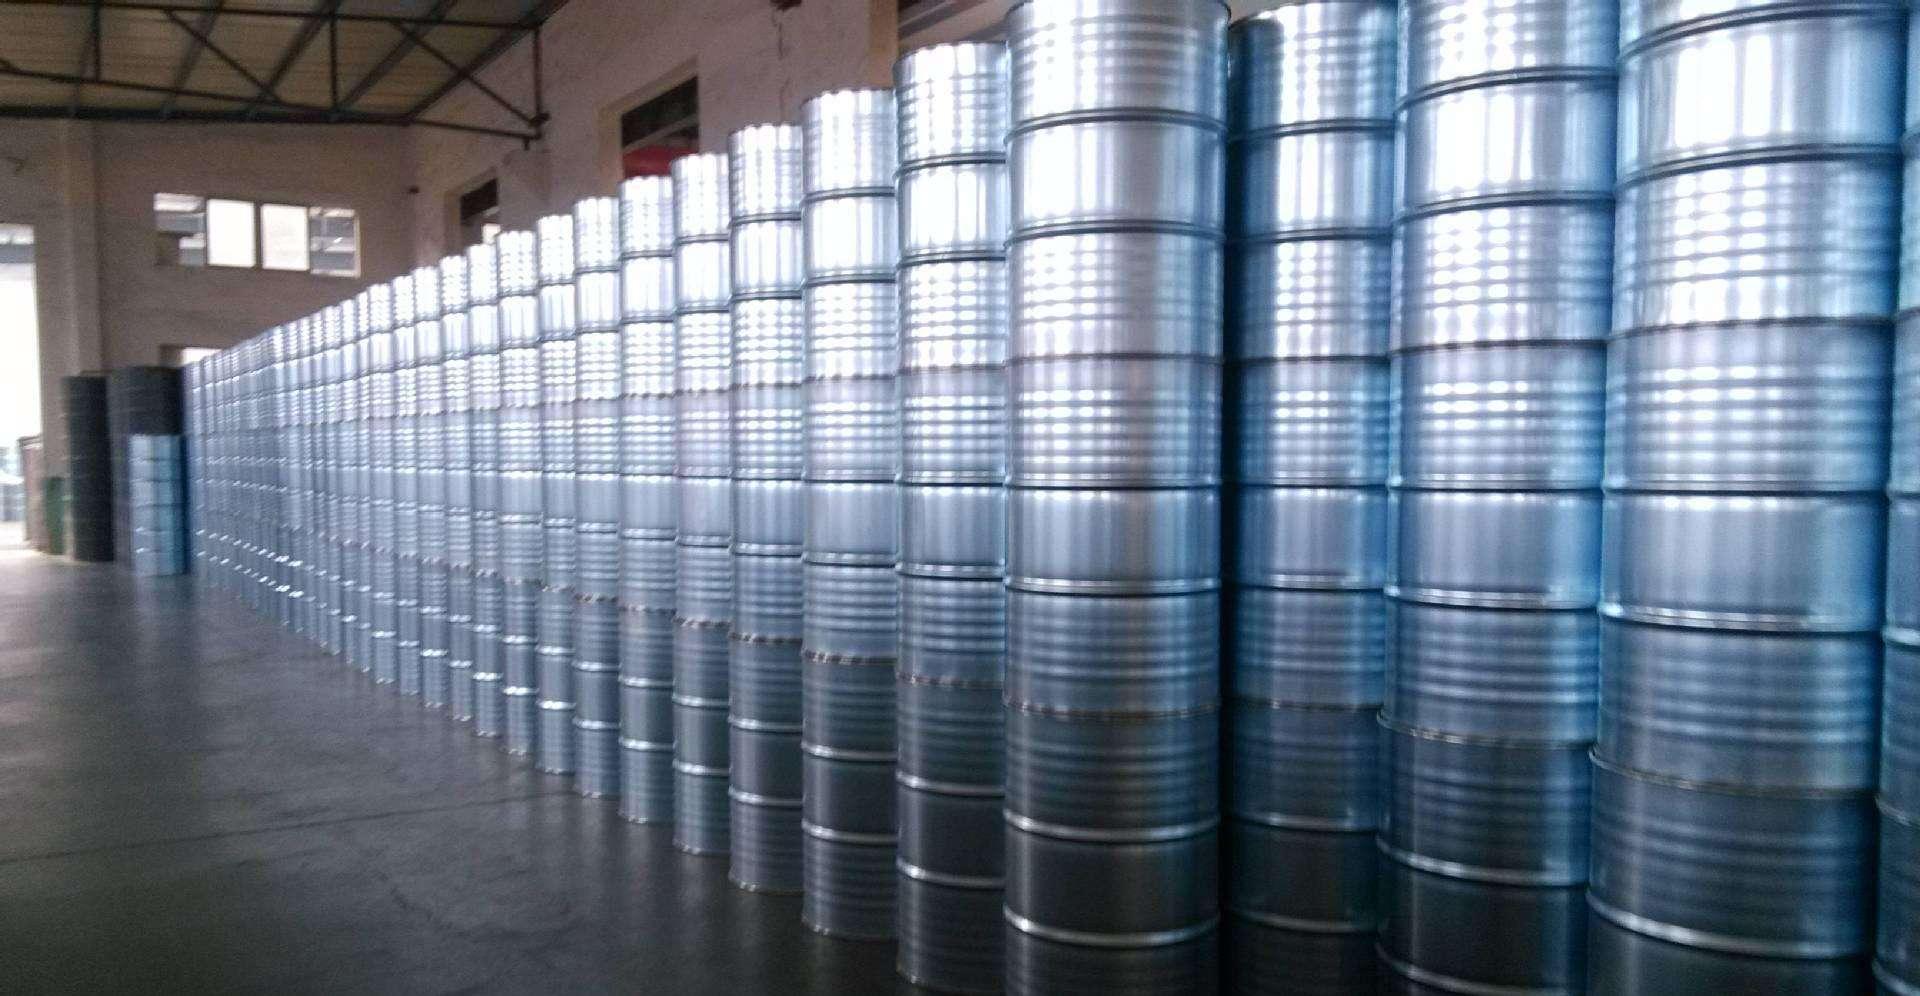 开口镀锌桶生产厂家 火热畅销的镀锌桶产品信息